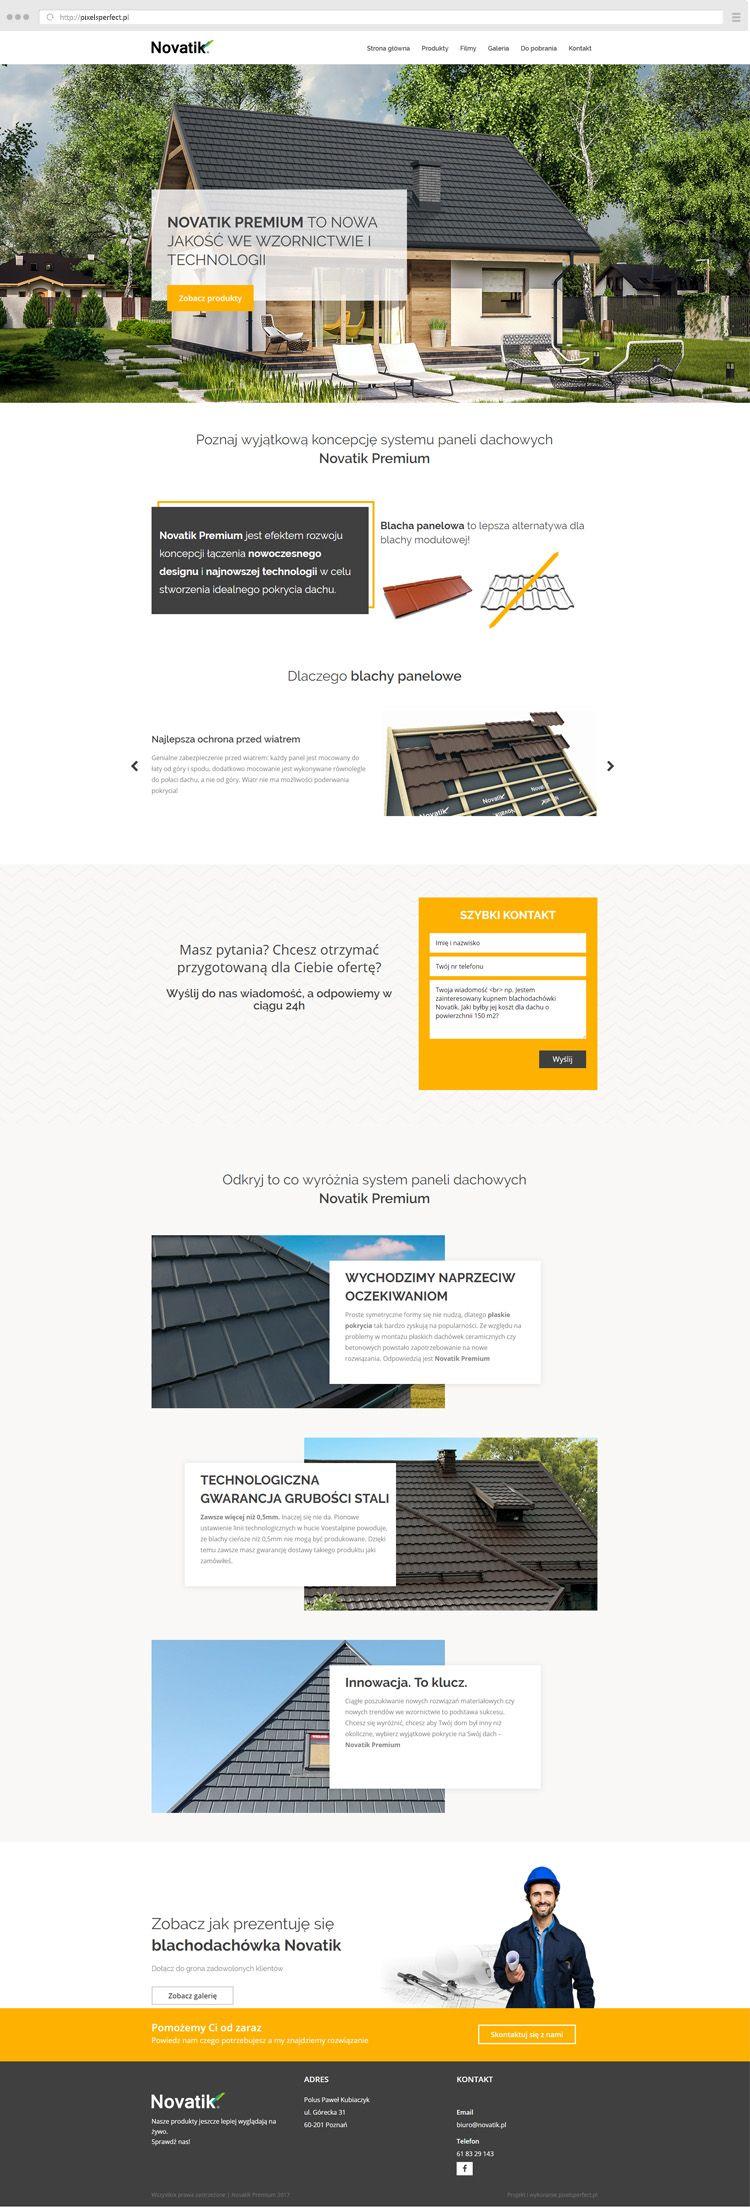 Novatik Premium Pixelsperfect Pl Tworzenie Stron Internetowych Konin Poznan Wrzesnia Web Design Design Konin